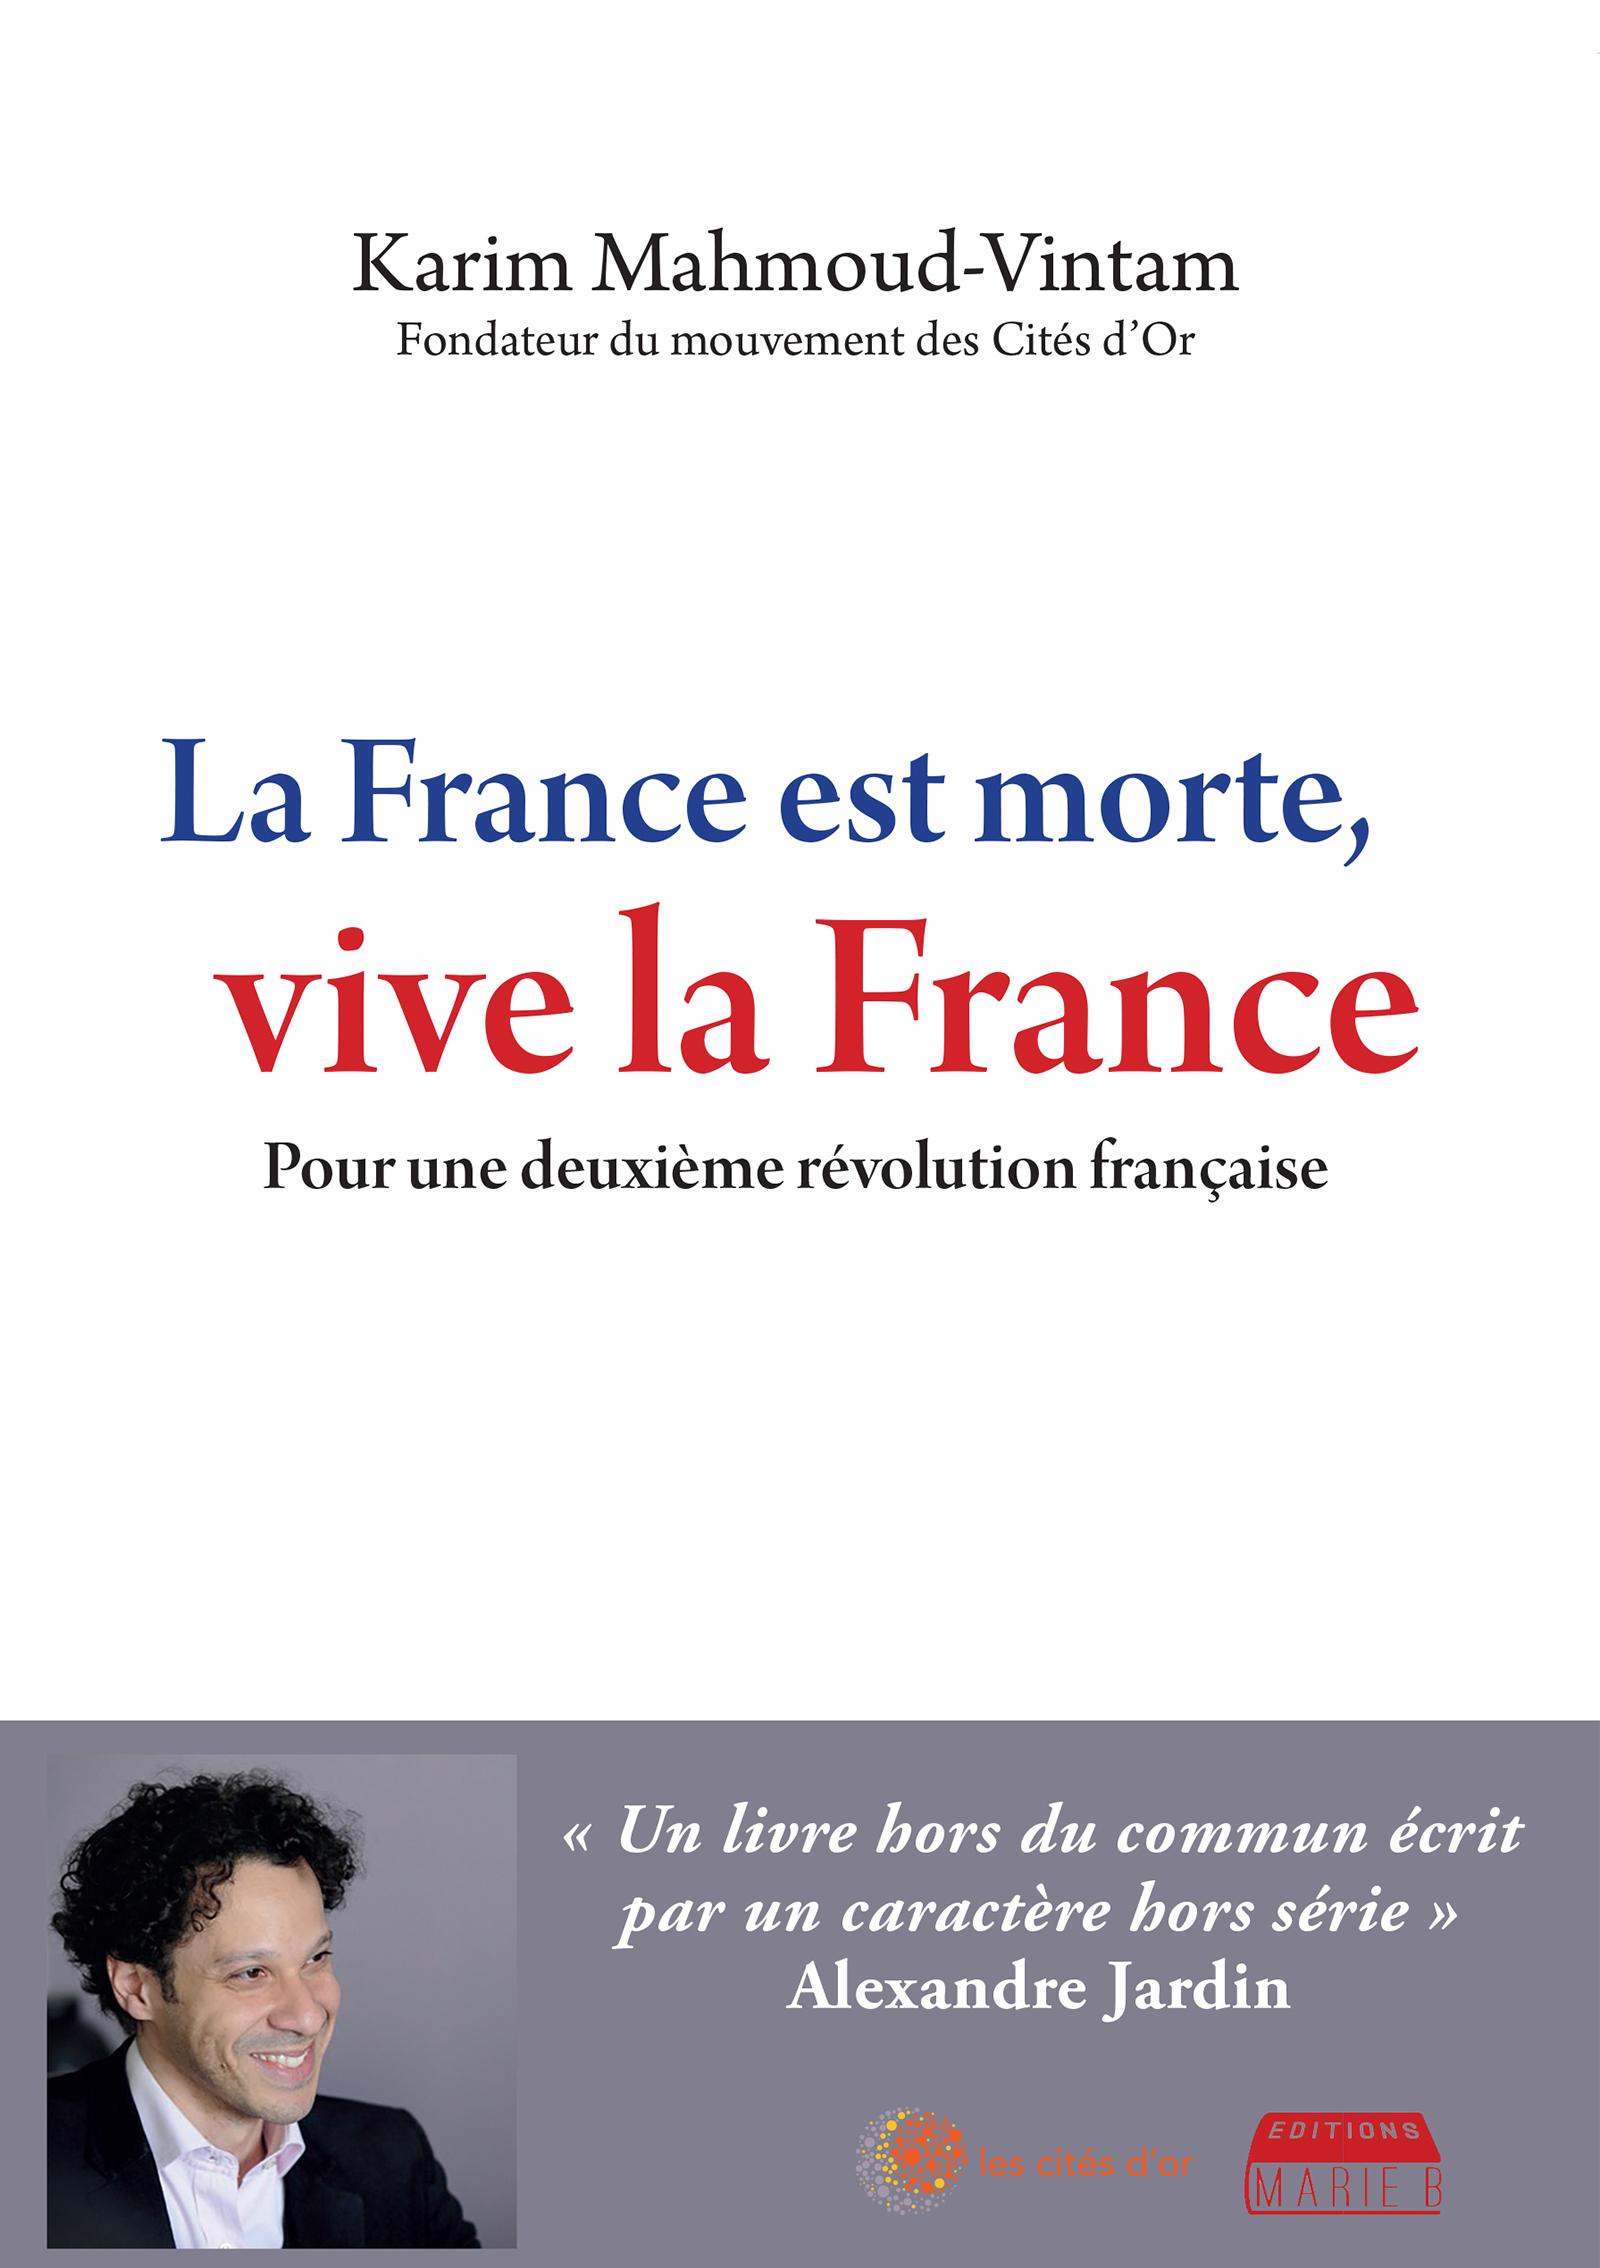 La France est morte, vive la France, Pour une deuxième Révolution française